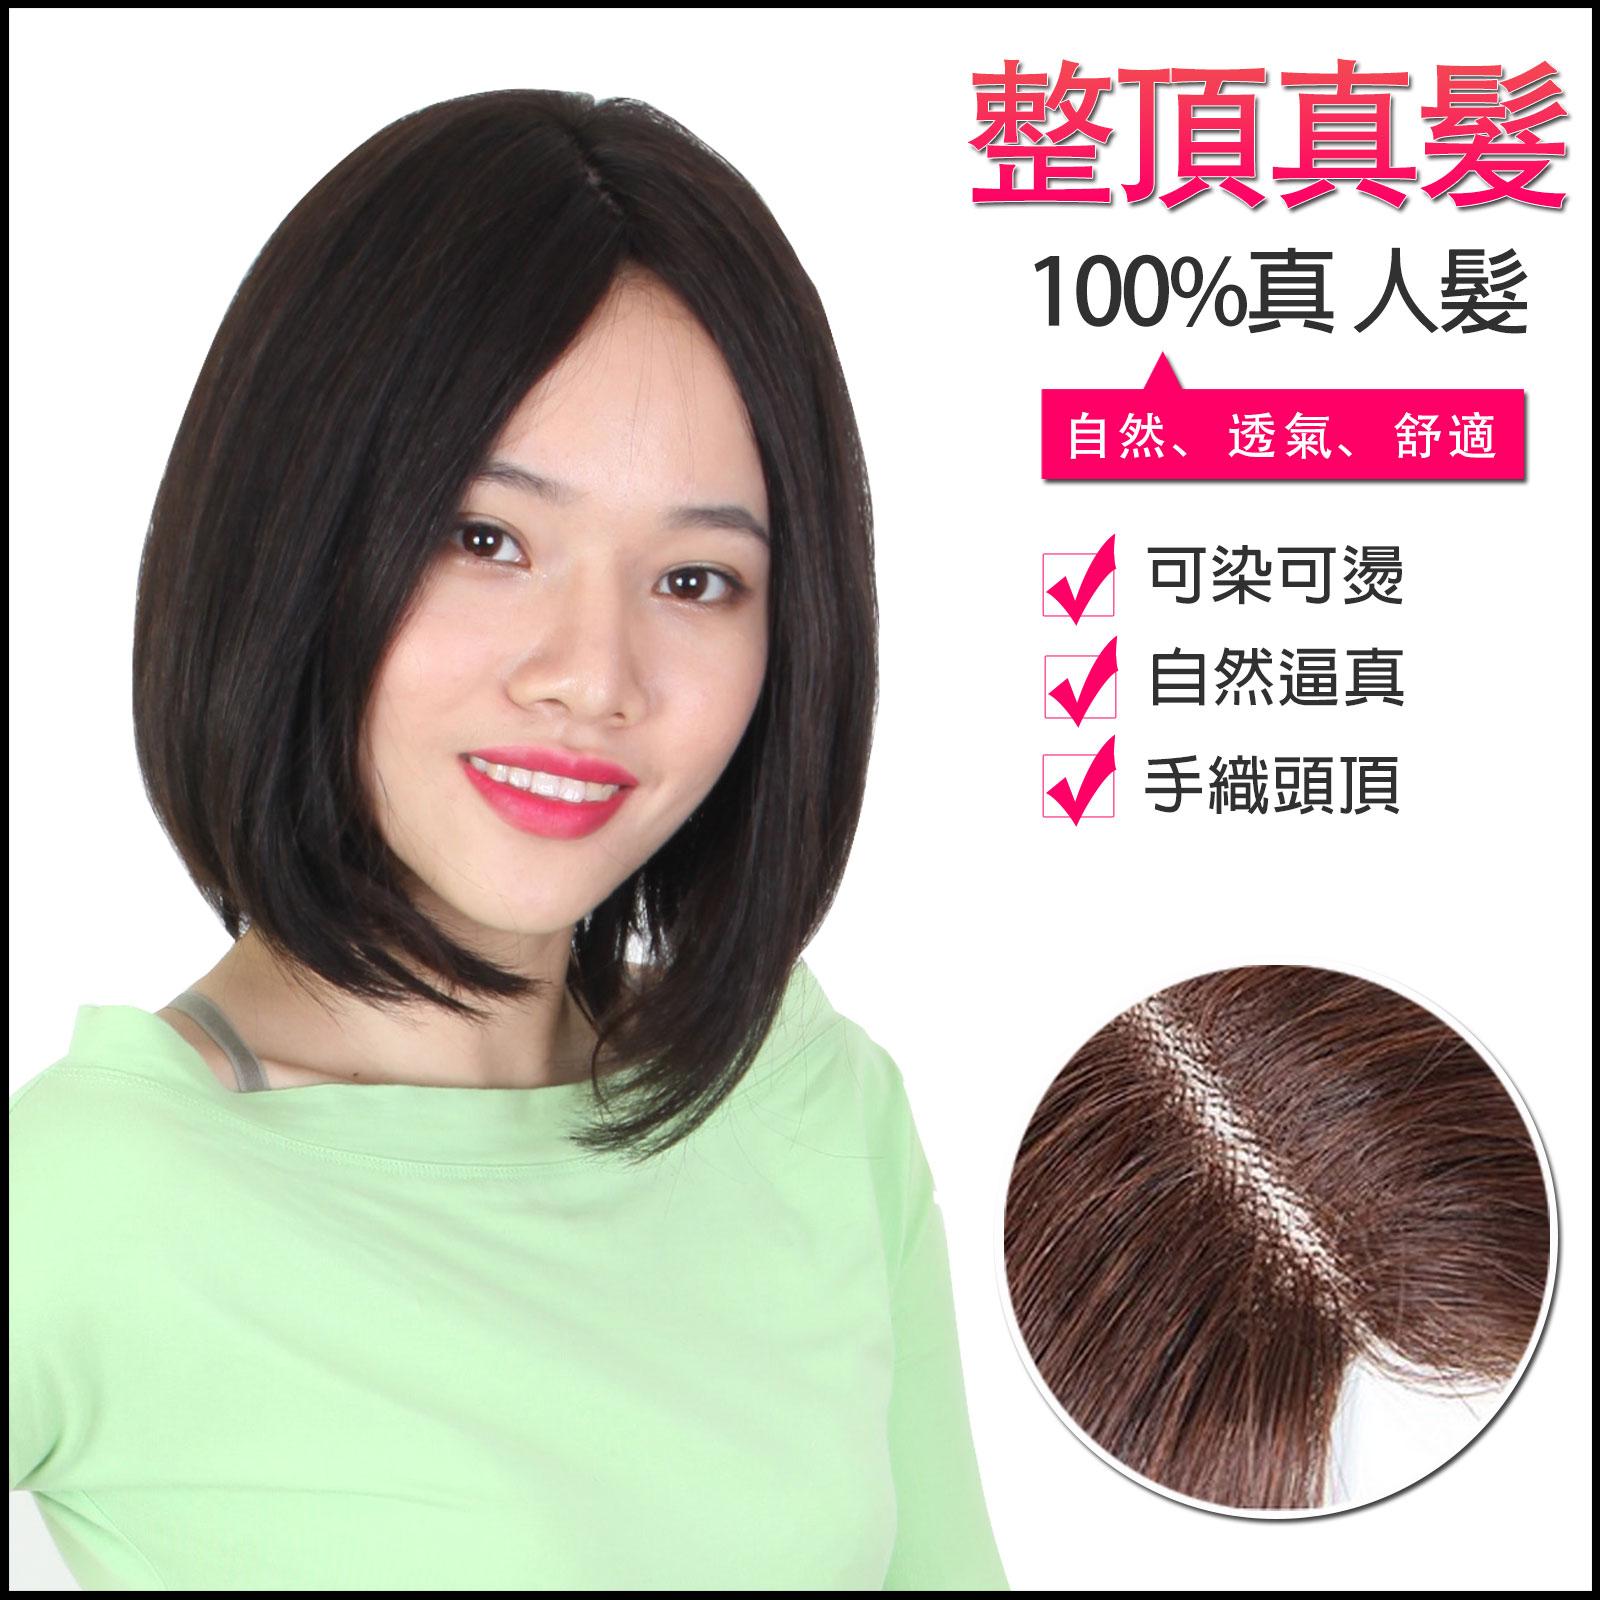 中分短髮 超真實 抗菌內網*100%真髮可染可燙整頂真髮假髮【MR21】☆雙兒網☆ - 限時優惠好康折扣